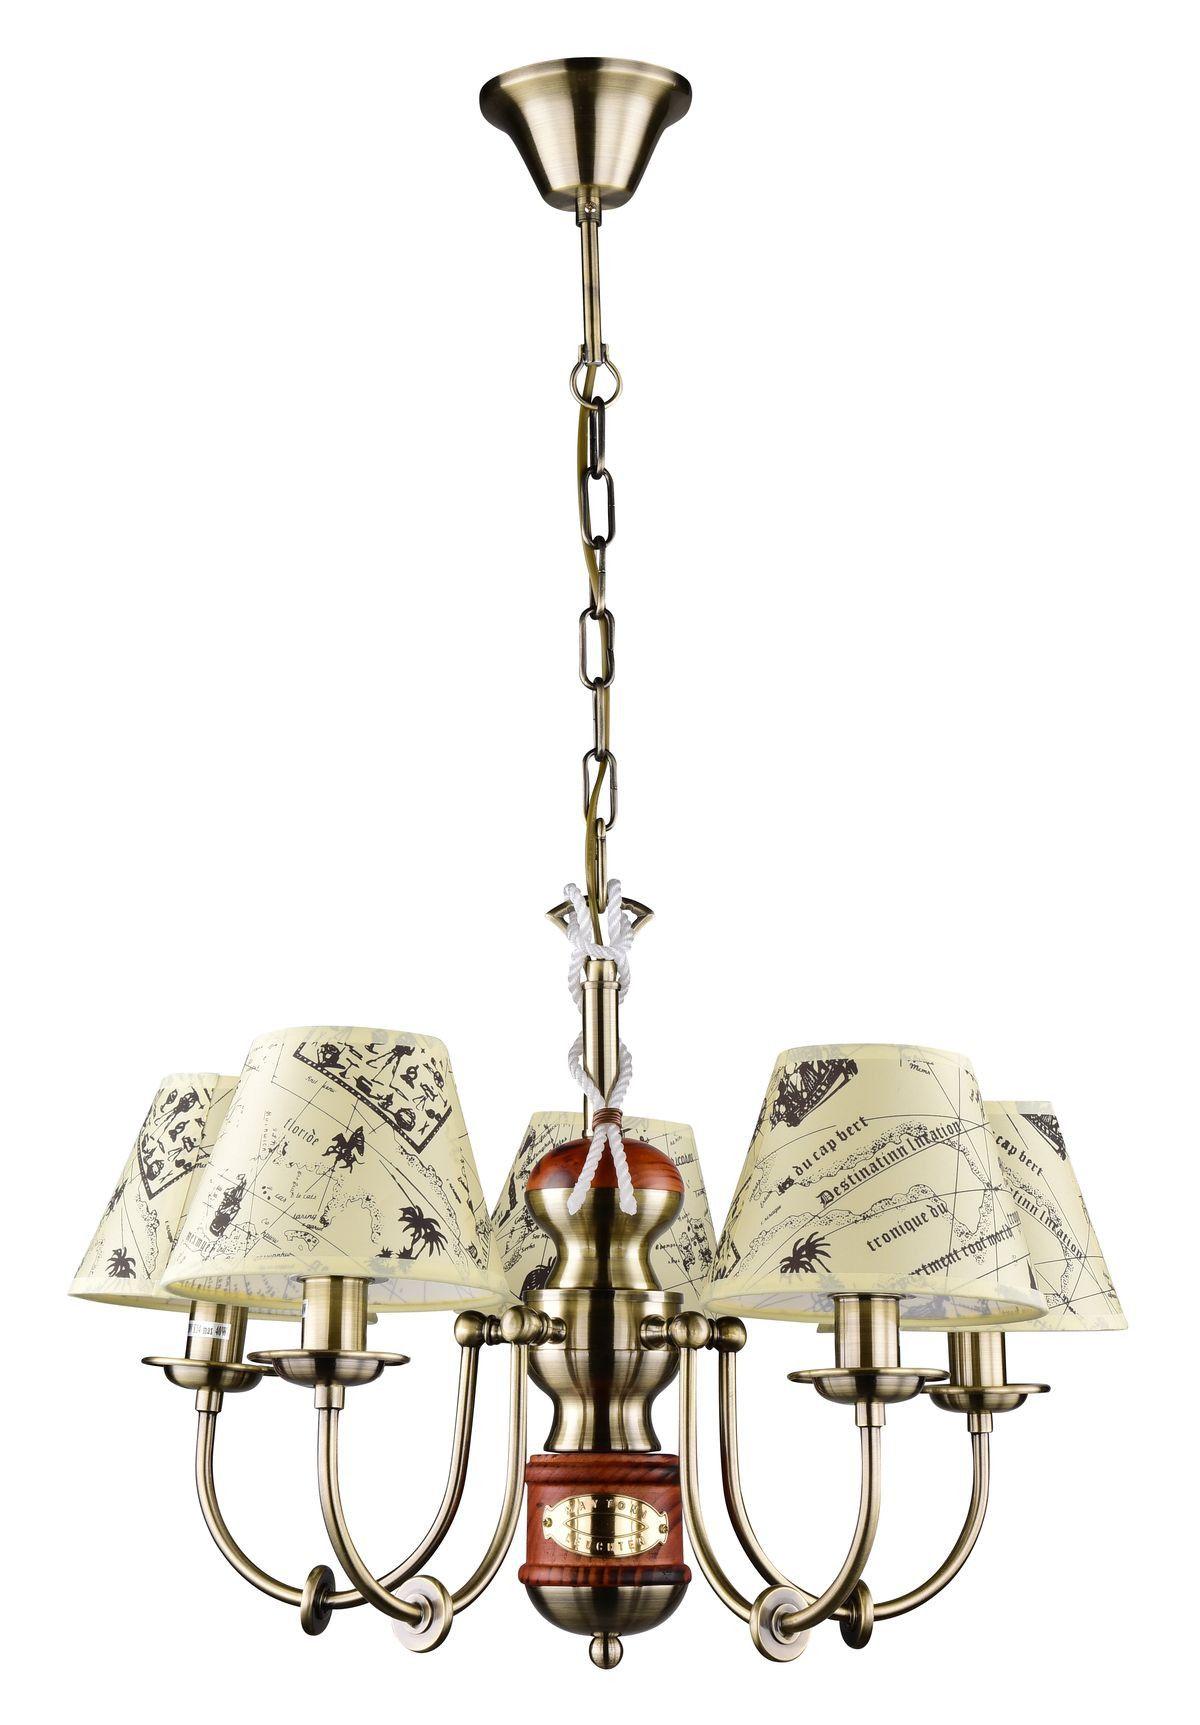 elegant kronleuchter cruise bronze kronleuchter schirm - Bronze Kronleuchter